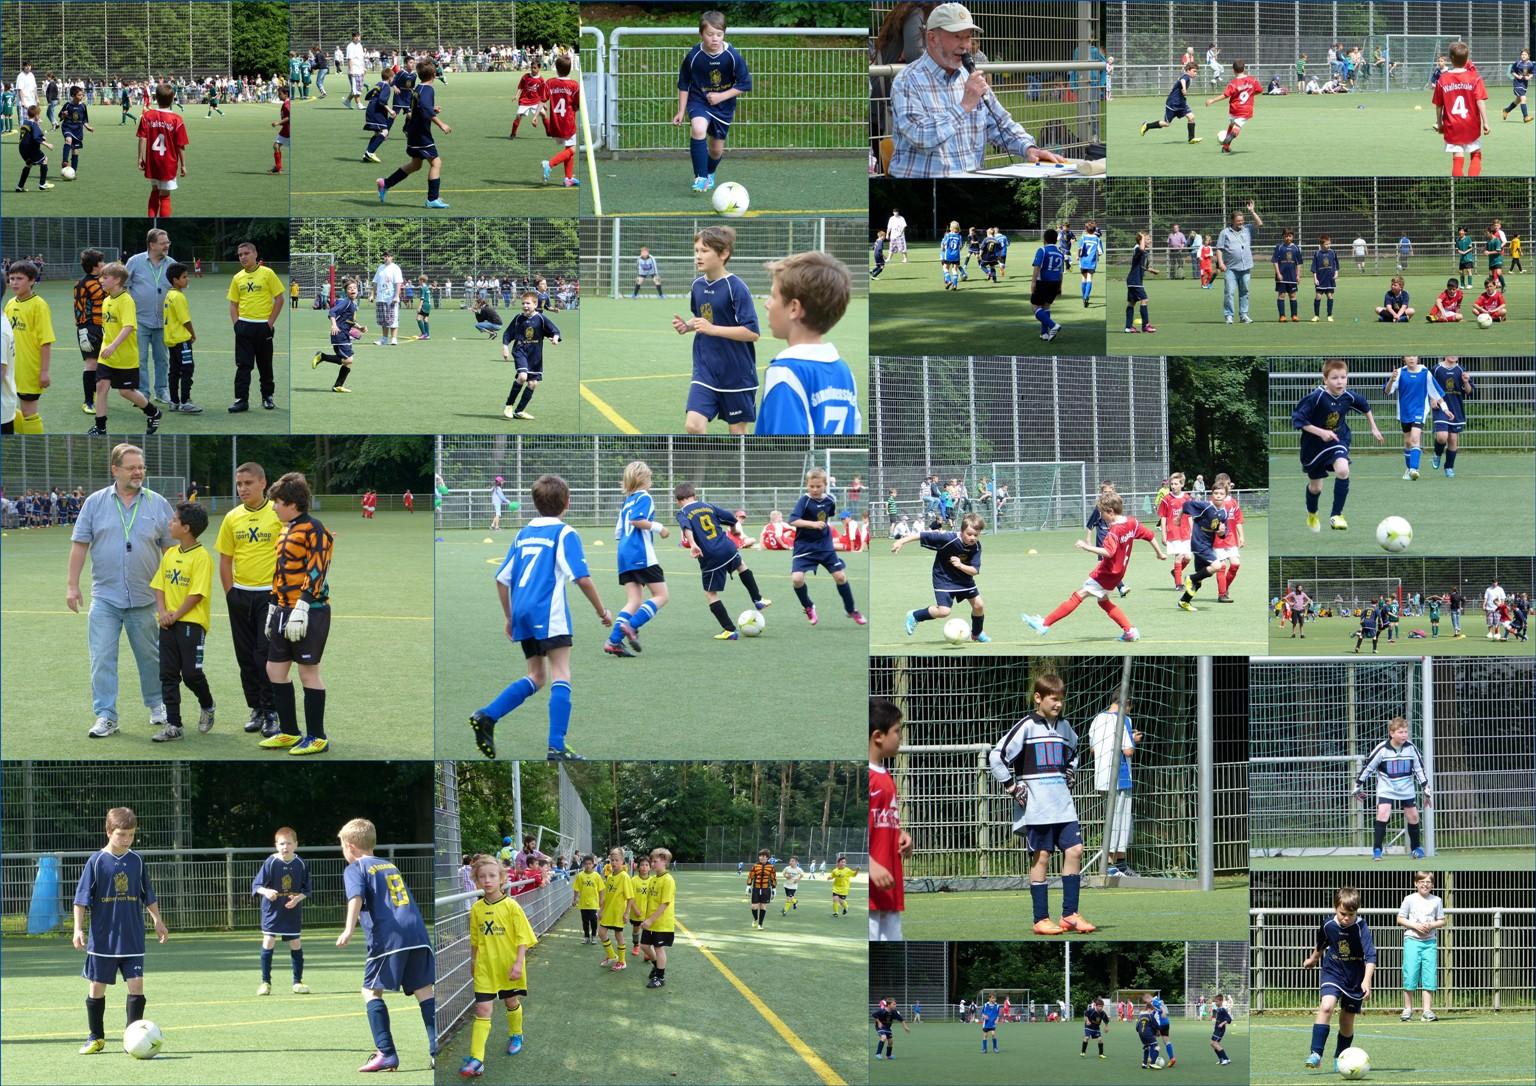 2013-06-14_Fussballturn1.jpg